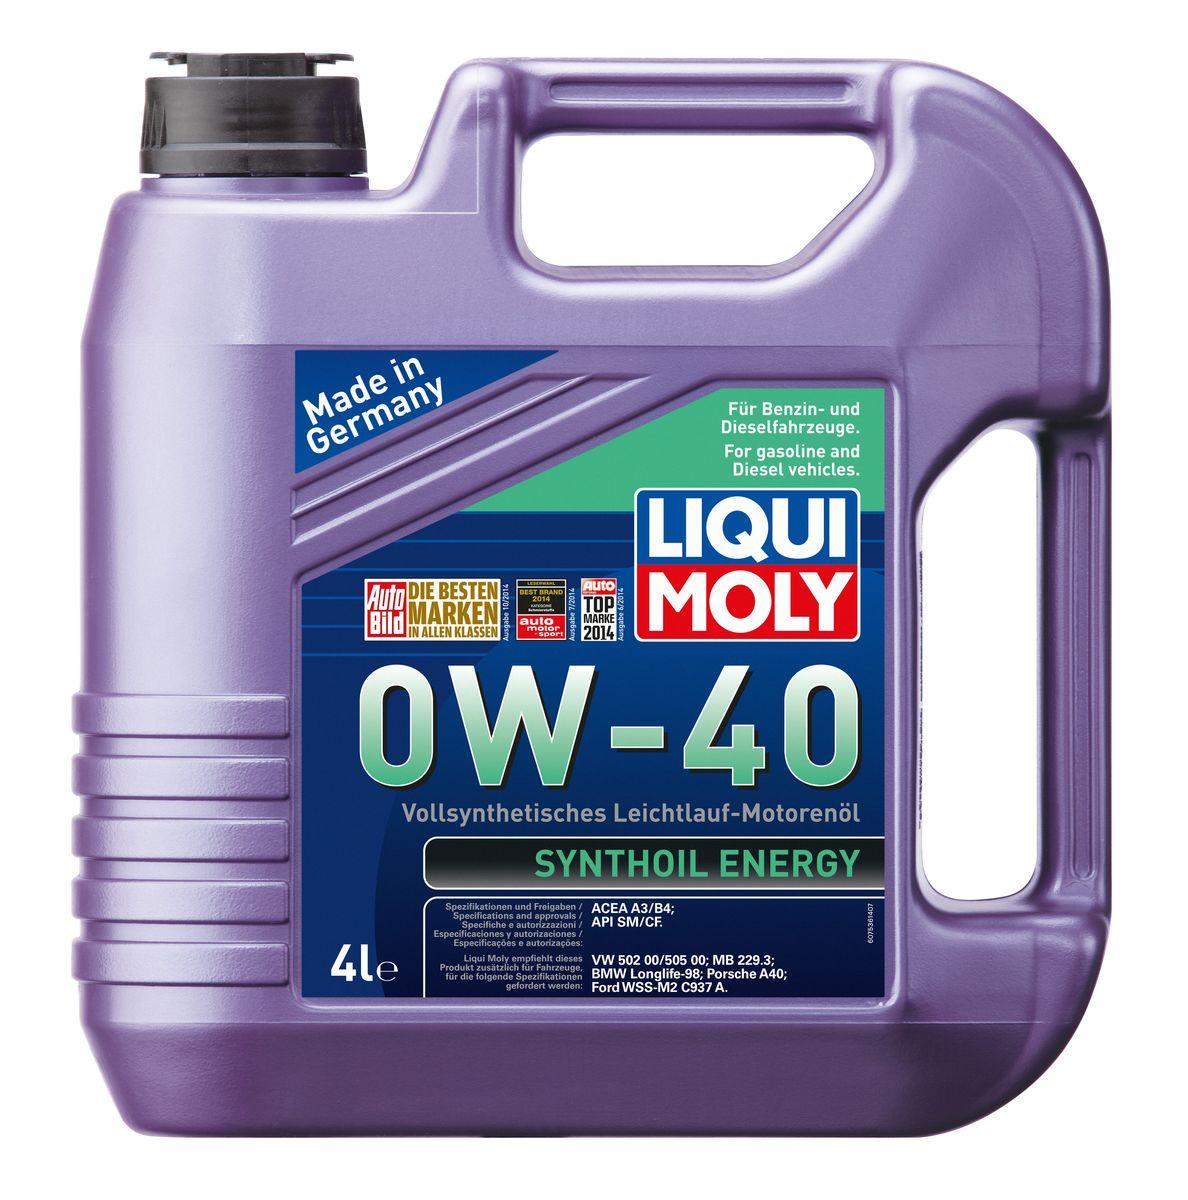 Масло моторное Liqui Moly Synthoil Energy, синтетическое, 0W-40, 4 л2706 (ПО)Масло моторное Liqui Moly Synthoil Energy - 100% синтетическое универсальное моторное масло на базе полиальфаолефинов (ПАО) для большинства автомобилей, для которых требования к маслам опираются на международные классификации API и ACEA. Класс вязкости 0W-40 моторного масла на ПАО-базе оптимален для эксплуатации в холодных условиях, обеспечивая уверенный пуск двигателя даже в сильный мороз и высокий уровень защиты. Использование современных полностью синтетических базовых масел (ПАО) и передовых технологий в области разработок присадок гарантирует низкую вязкость масла при низких температурах, высокую надежность масляной пленки. Моторные масла линейки Synthoil предотвращают образование отложений в двигателе, снижают трение и надежно защищают от износа. Особенности: - Отличные пусковые свойства в мороз- Быстрое поступление масла ко всем деталям двигателя при низких температурах- Высокая смазывающая способность- Замечательная термоокислительная стабильность и устойчивость к старению- Оптимальная чистота двигателя- Протестировано и совместимо с катализаторами и турбонаддувом- Высокая стабильность при высоких температурах- Очень низкий расход маслаДопуск: -API: CF/SM-ACEA: A3/B4